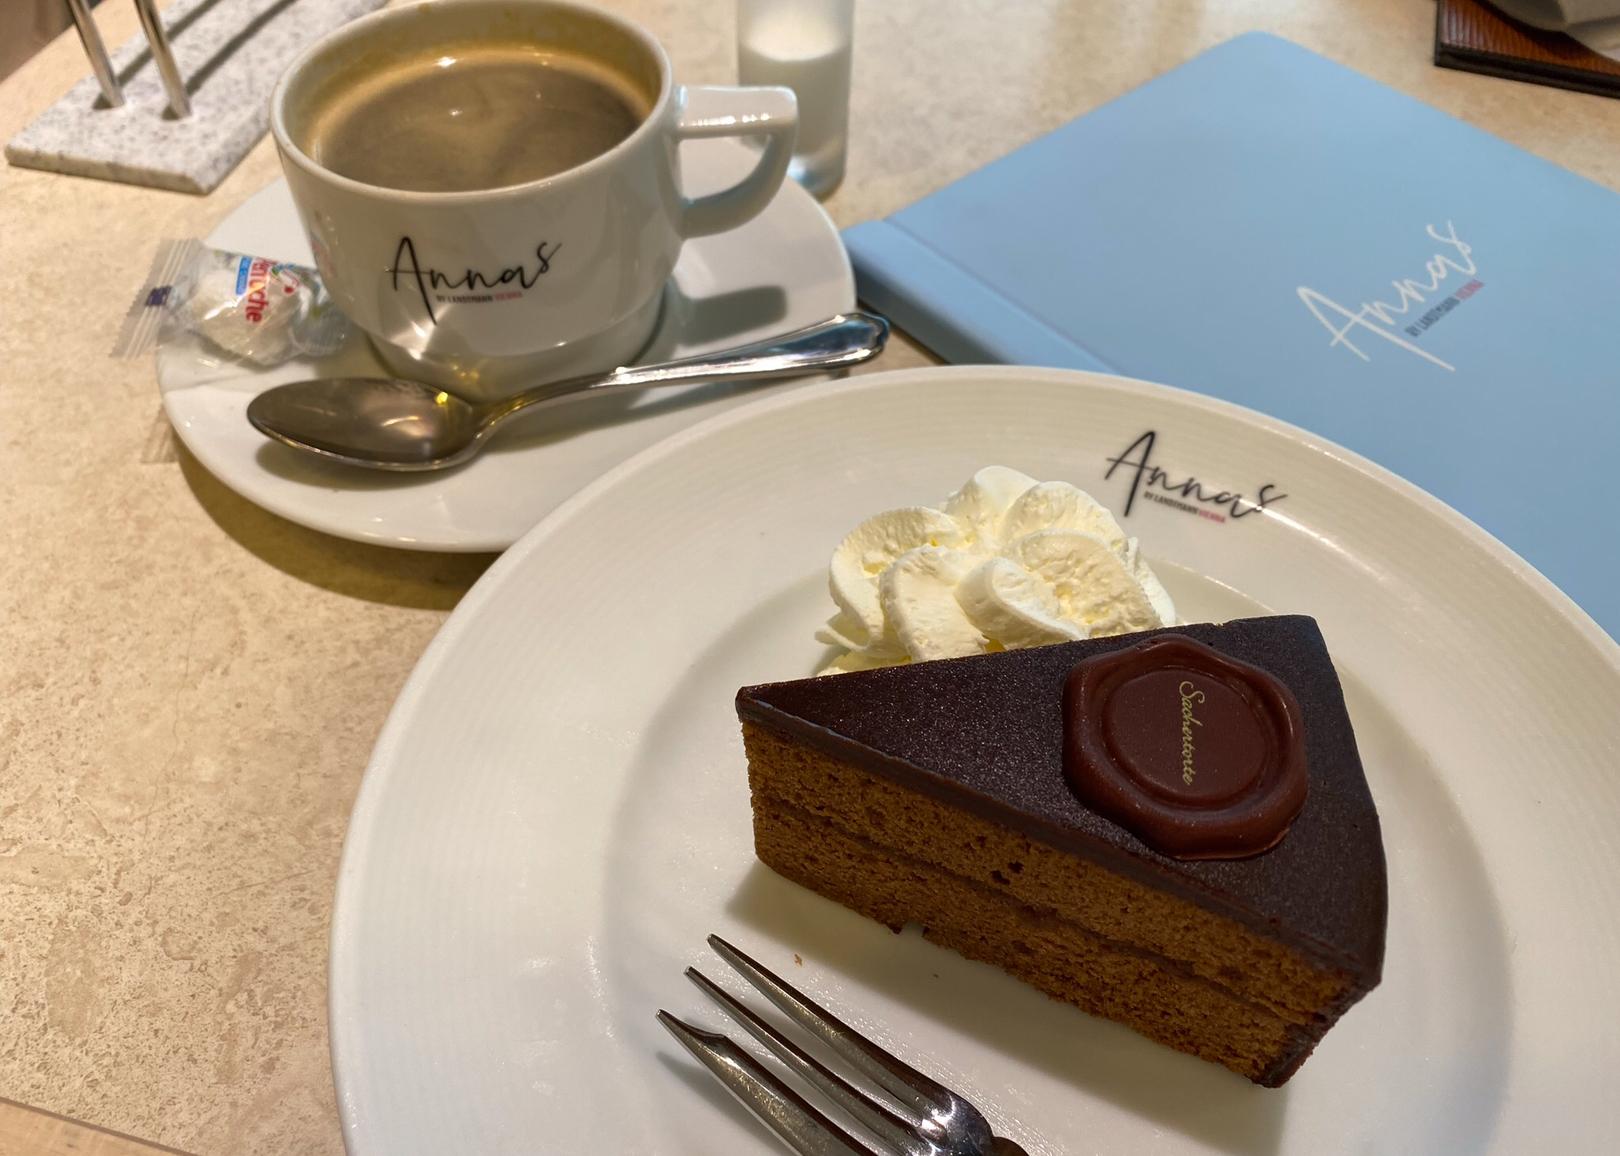 【カフェ難民必見☆】渋谷で本場のザッハトルテが味わえる穴場カフェをご紹介_1